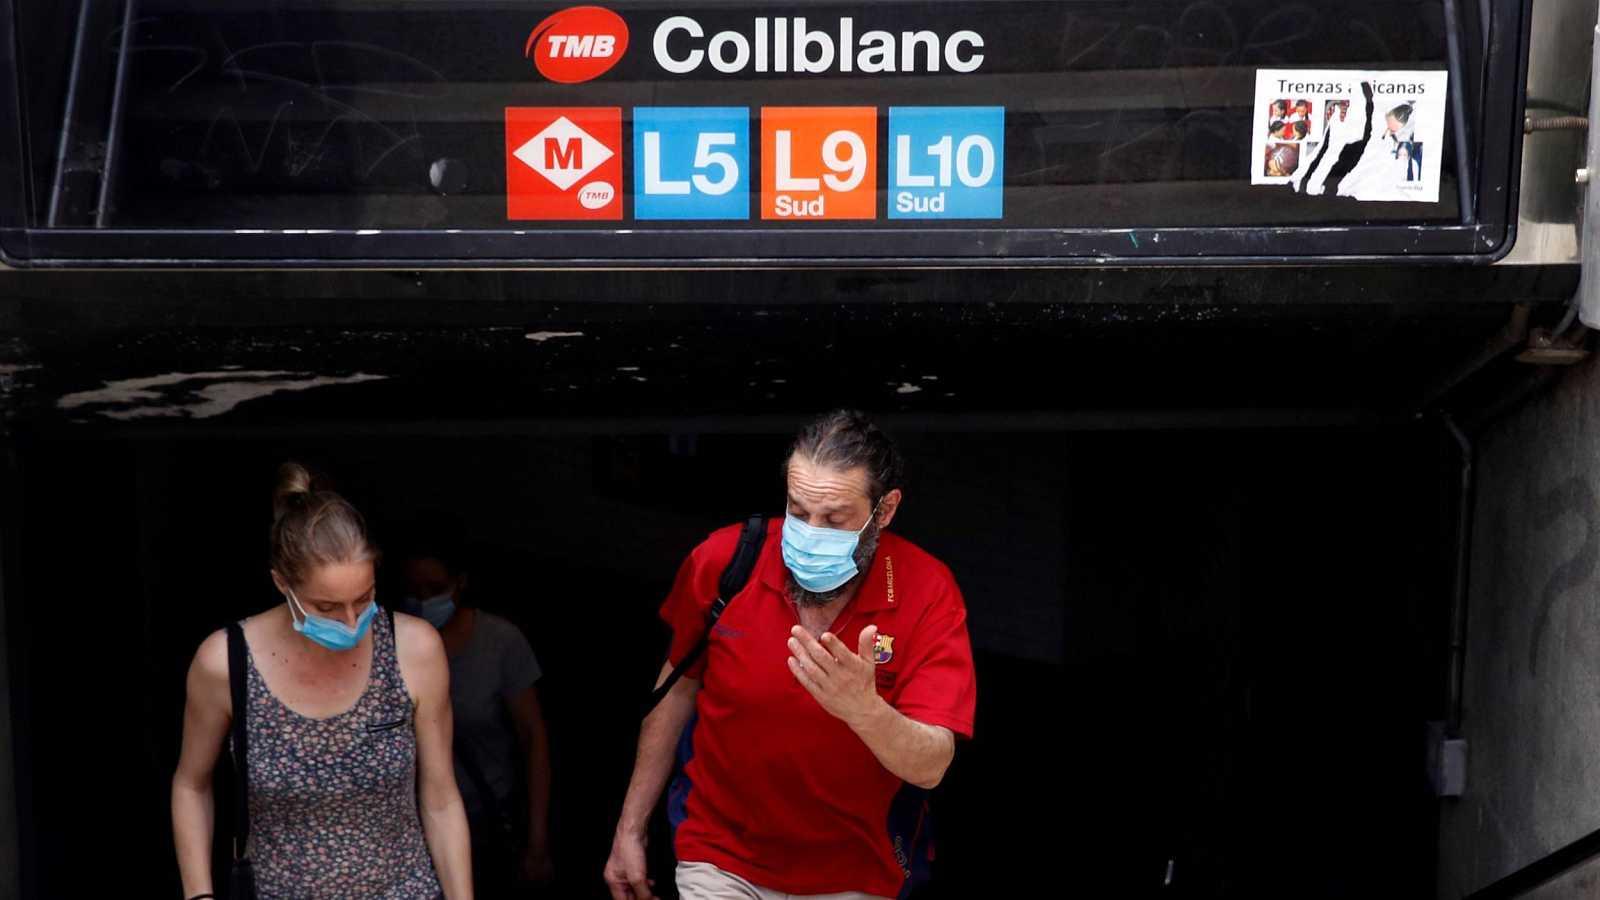 La Generaliat ha impuesto restricciones frente al coronavirus en los barrios de Collblanc, La Torrassa y Florida de L'Hospitalet de Llobregat